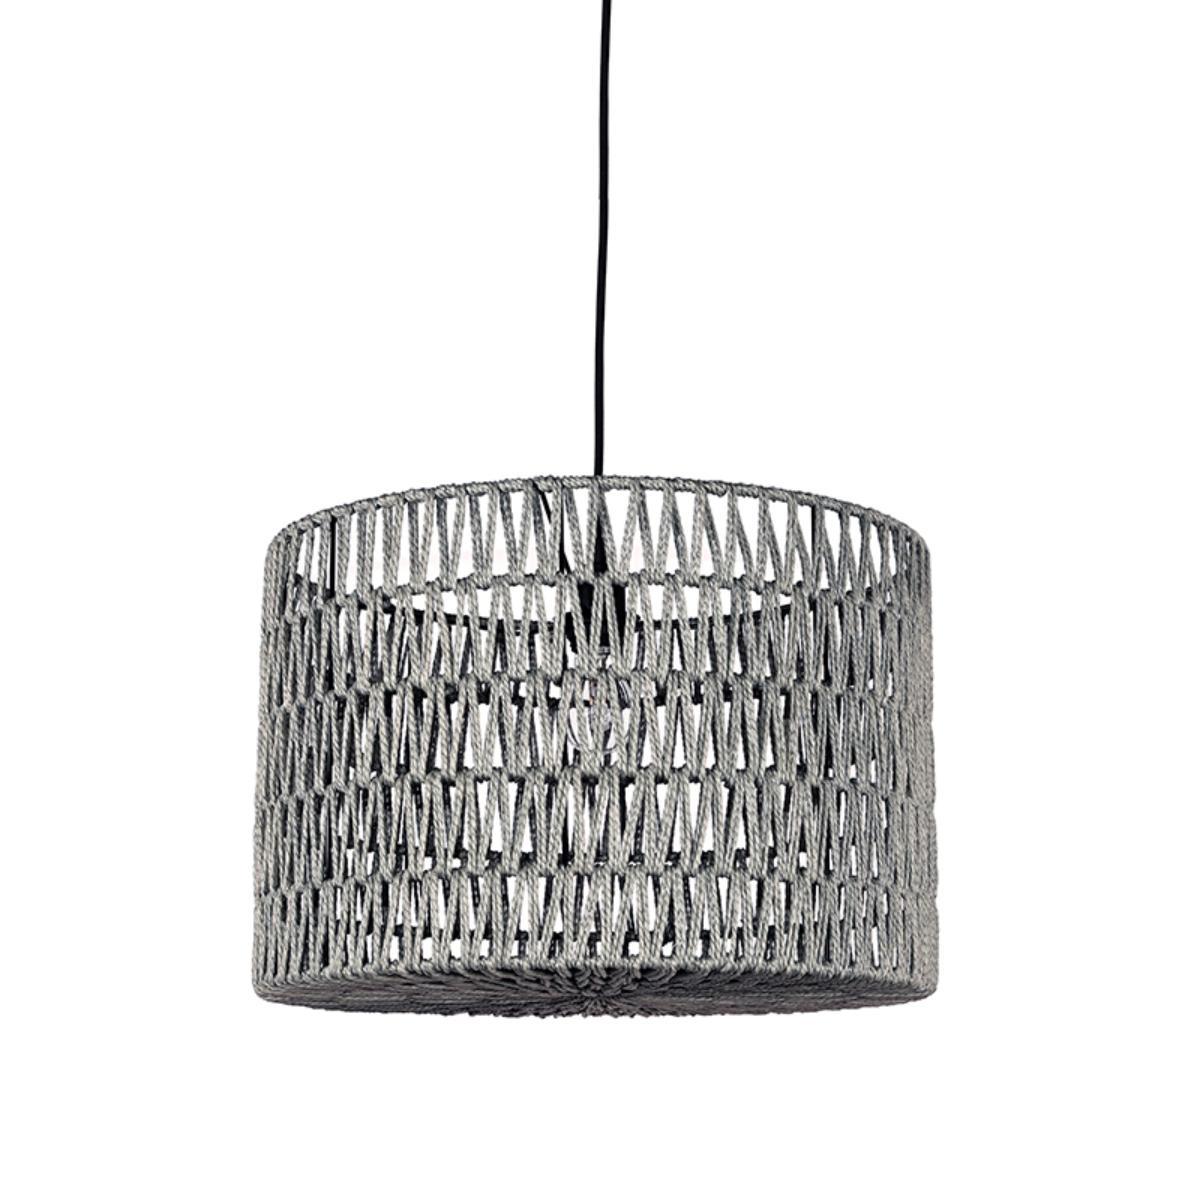 Hanglamp Stripe - Grijs - Katoen